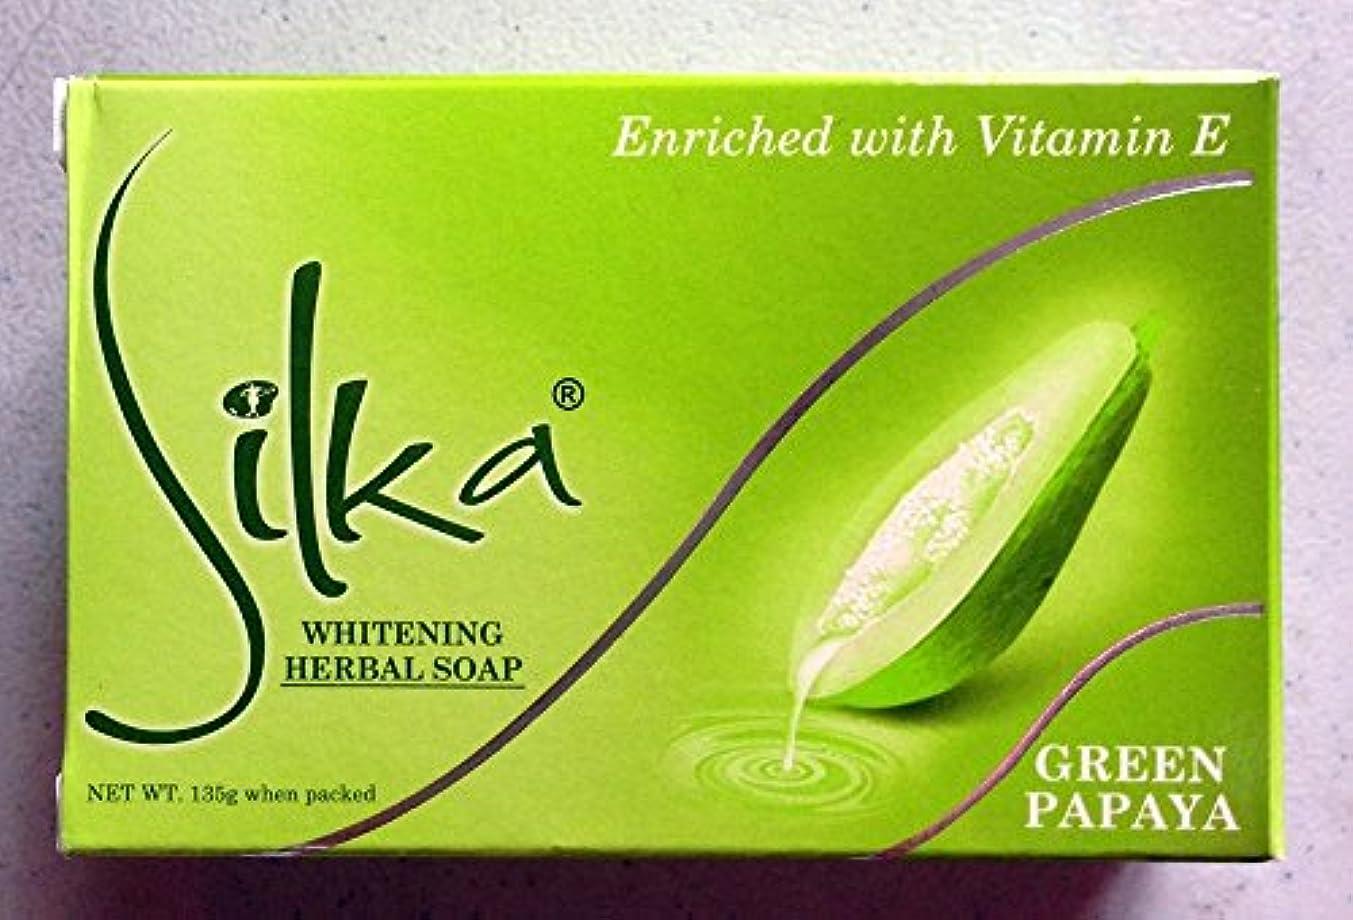 以降時間とともにフォーラムシルカ グリーン パパイヤソープ 135g Silka green papaya soap